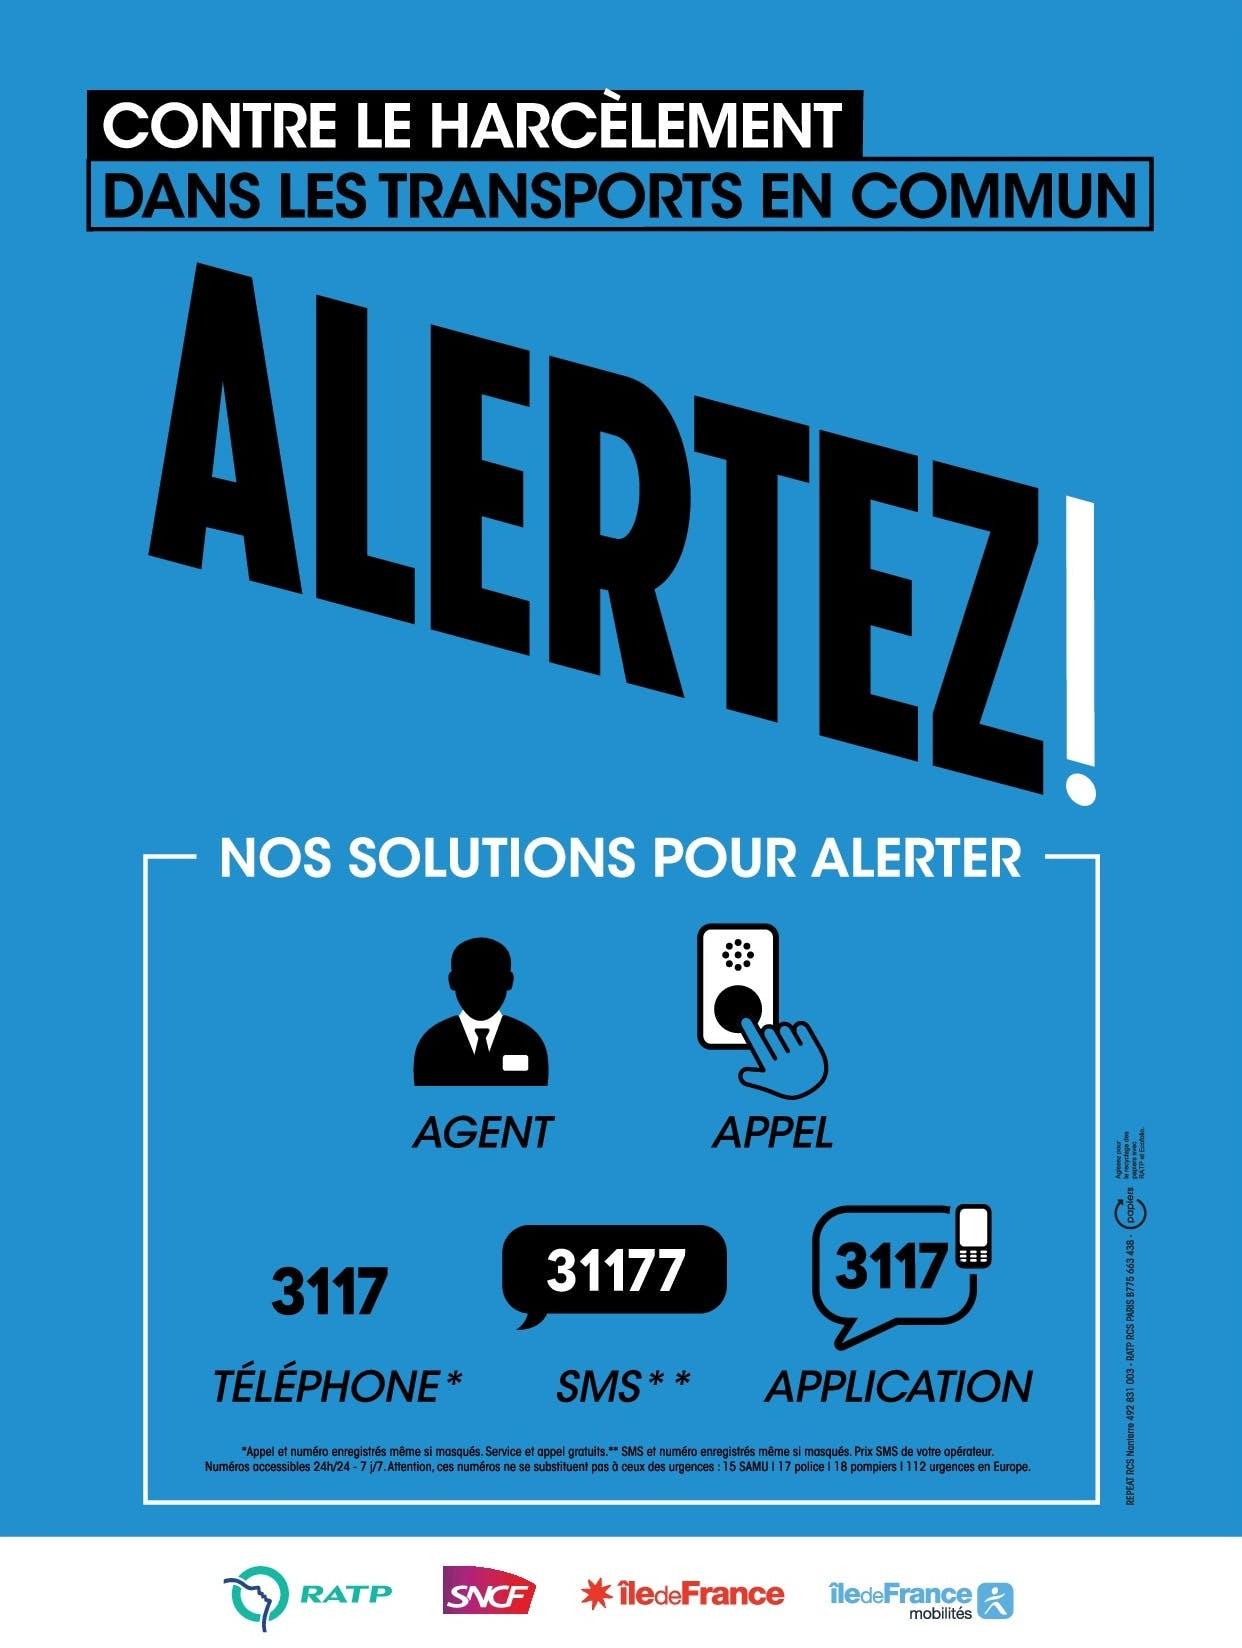 Campagne Île-de-France Mobilités : La lutte contre le harcèlement dans les transports en commun